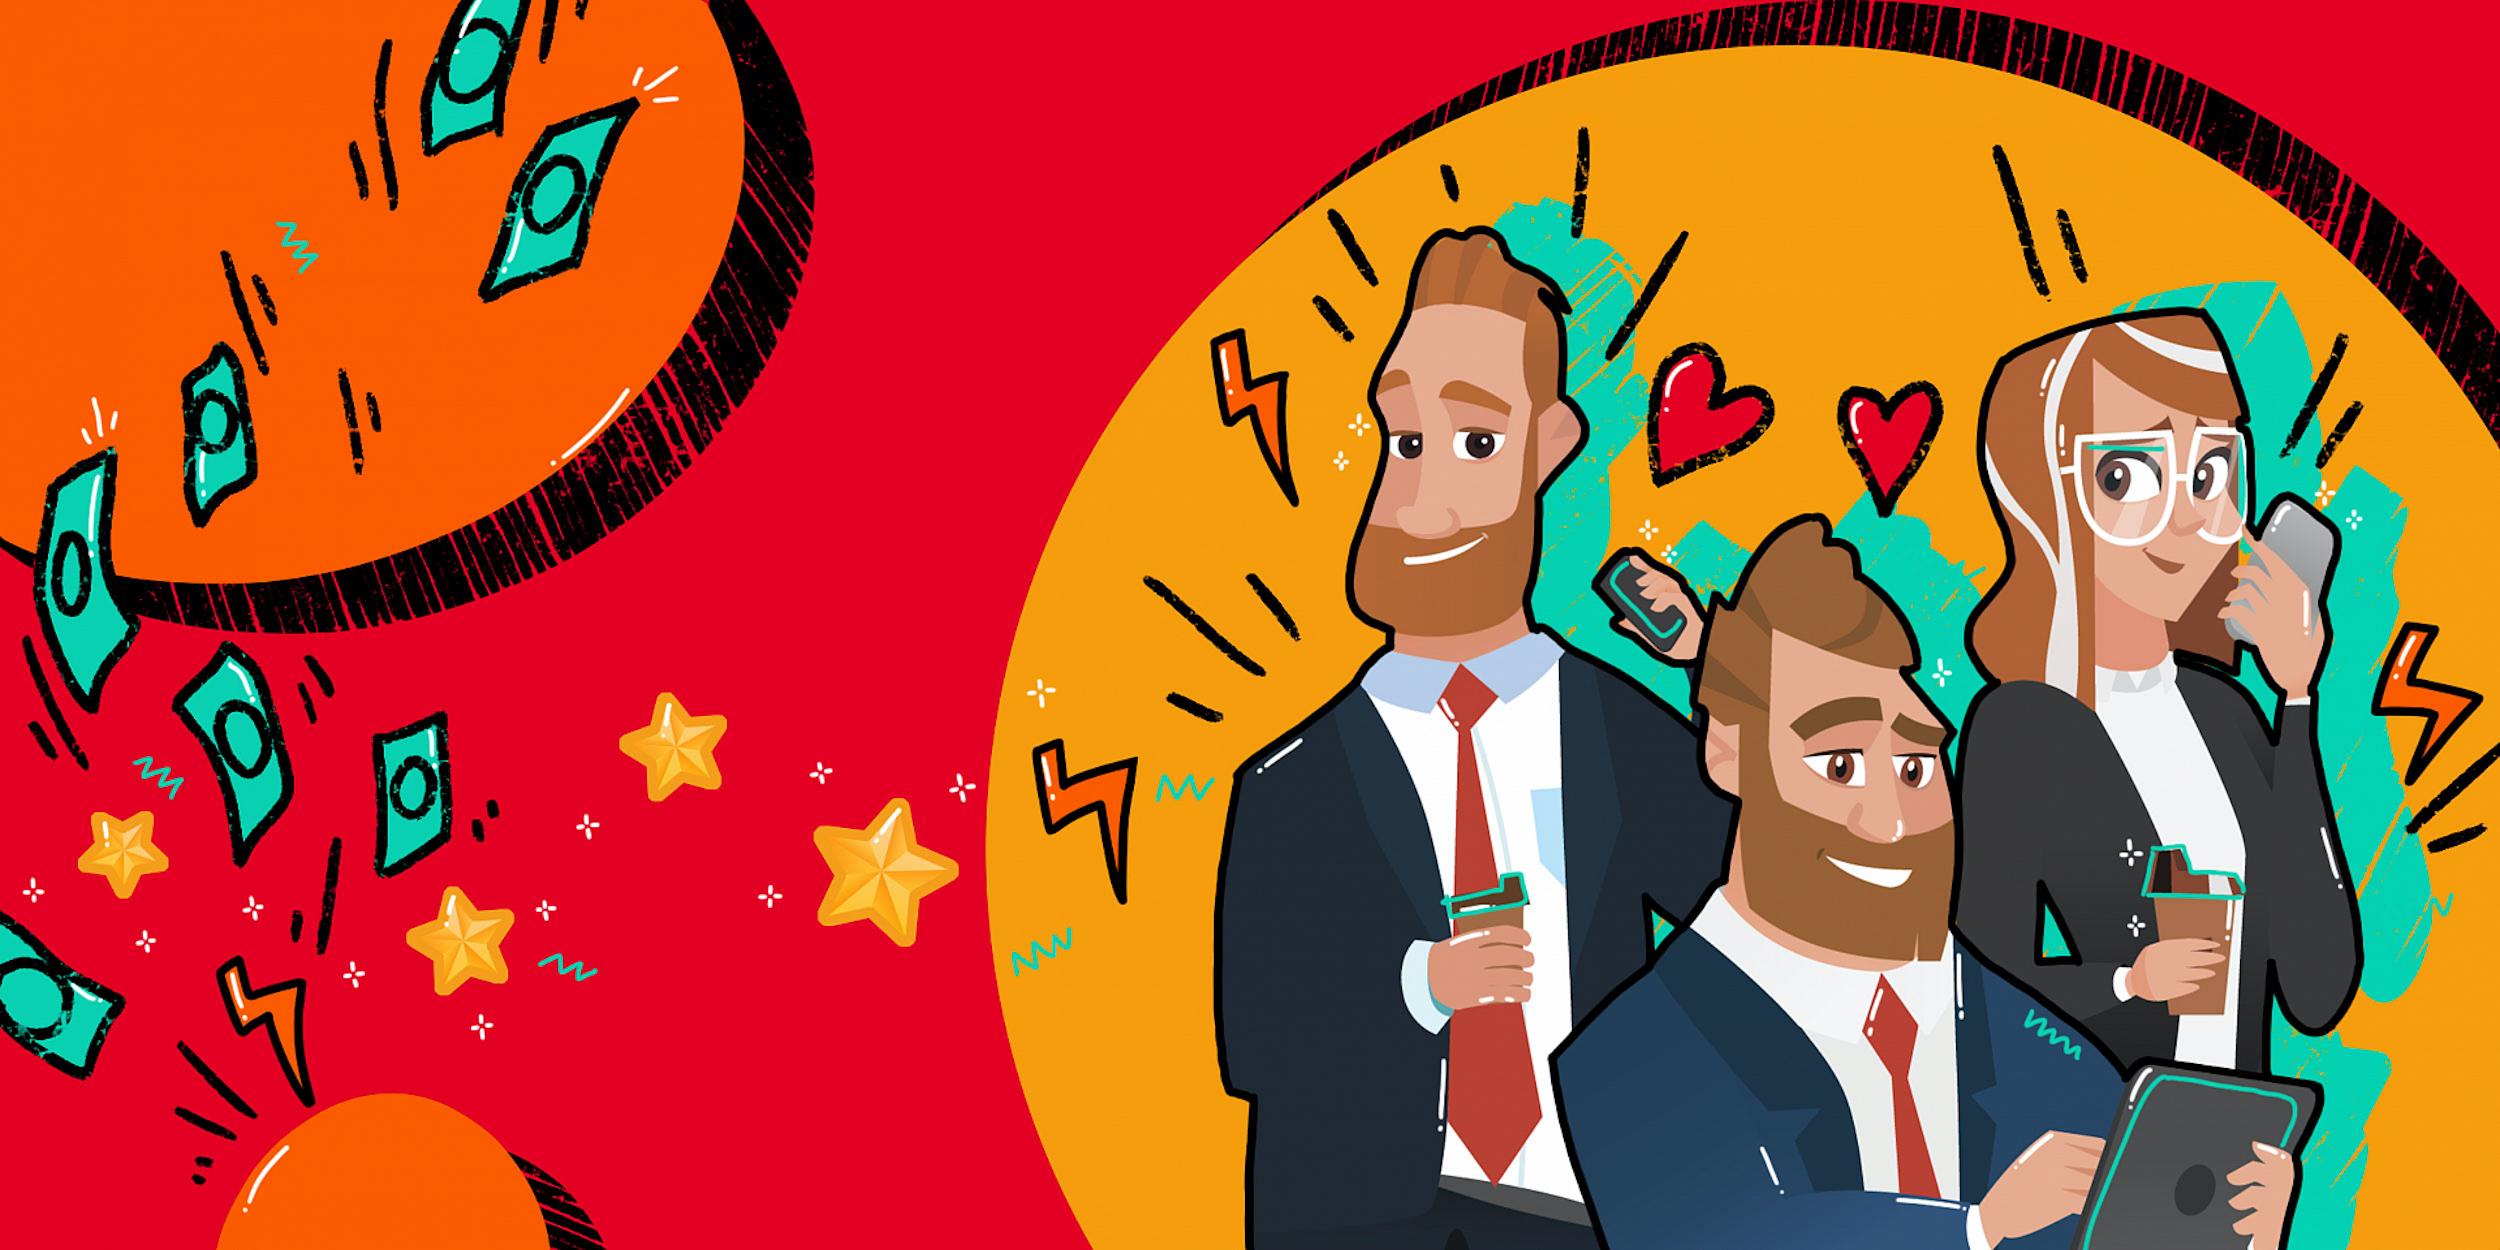 Как найти идею, которая принесёт вам миллион: вдохновляющие истории успеха